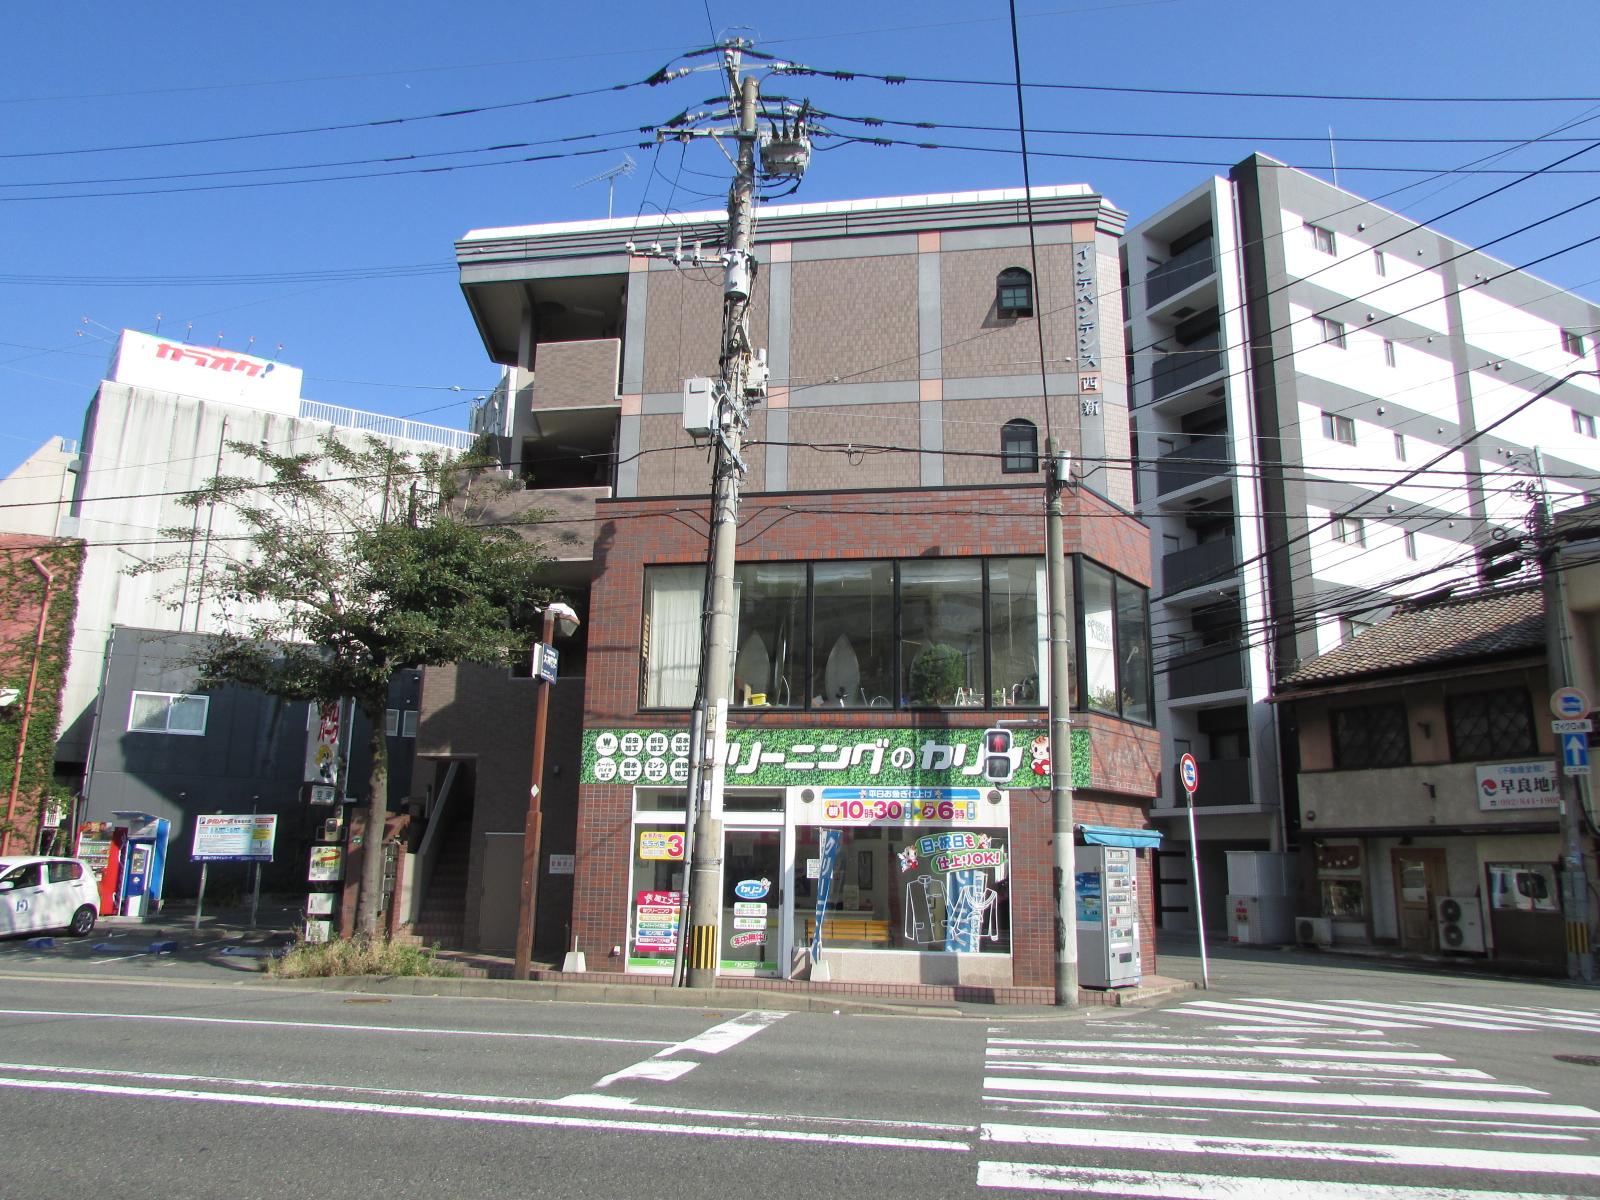 【店舗】早良区西新|1階店舗。地下鉄「西新」駅徒歩2分!!